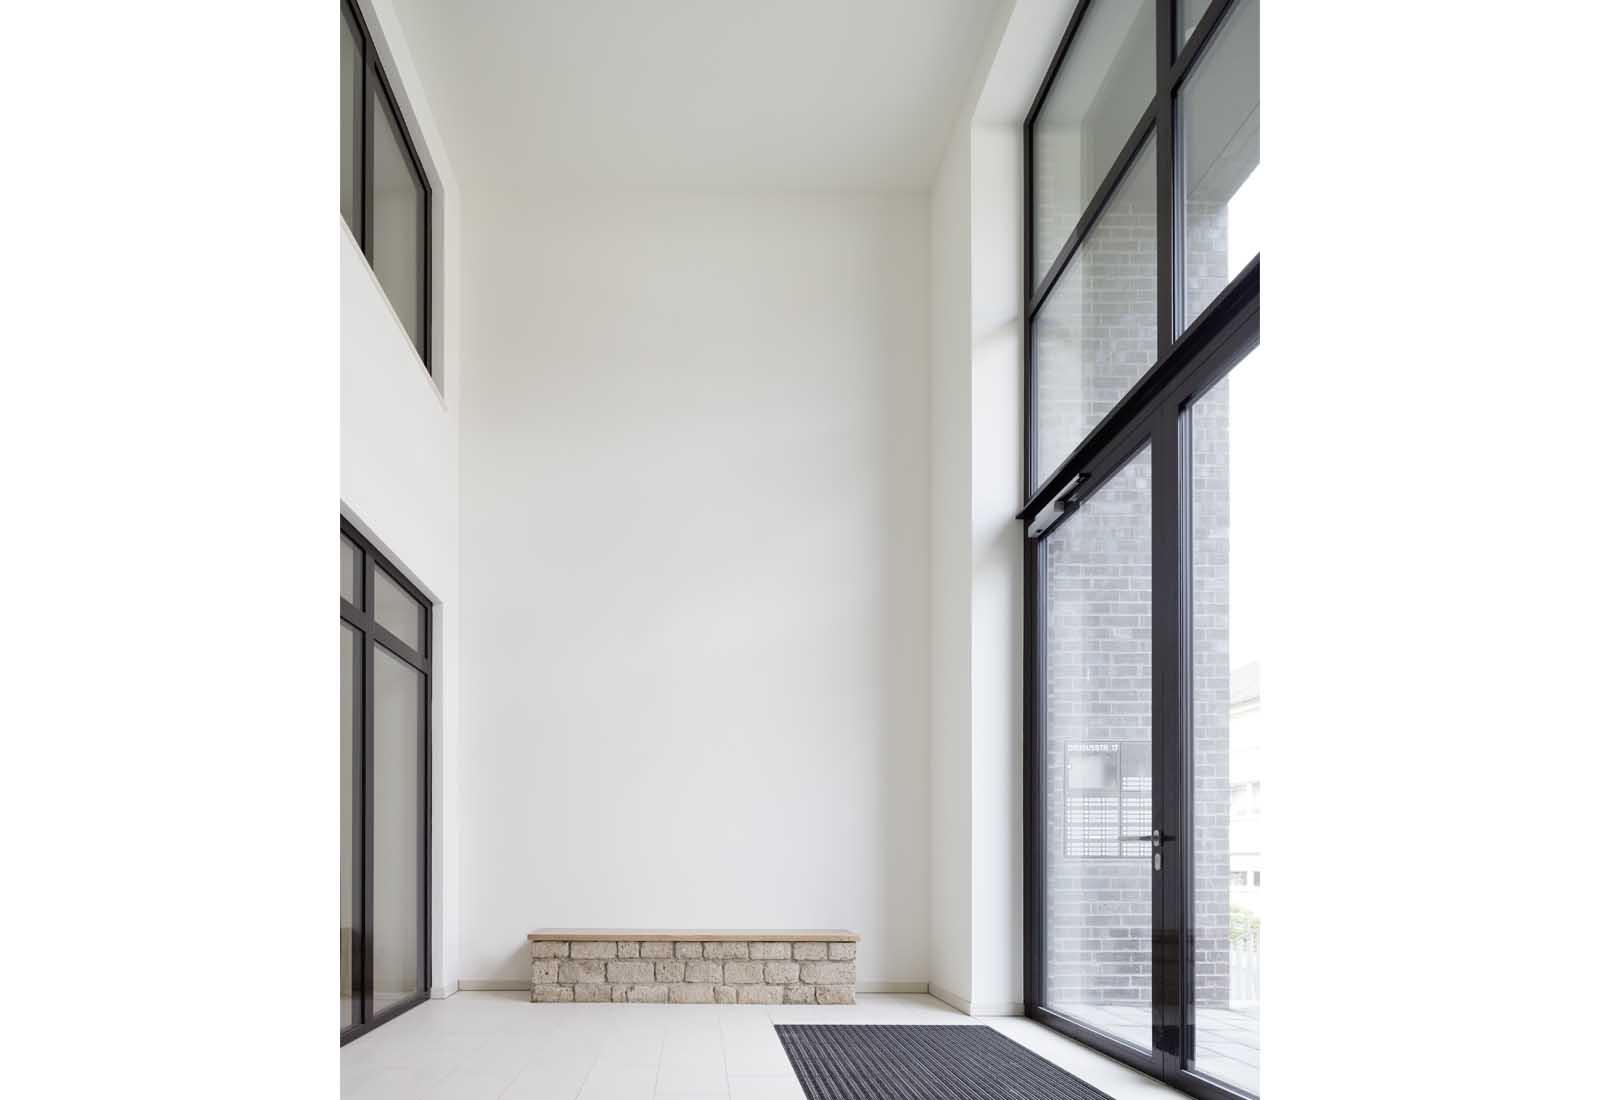 Studierendenwohnheim Drususstraße - Neubau von 73 Studierendenapartments in Bonn-Castell, Bodendenkmal, KfW-55 - Koenigs Rütter Architekten